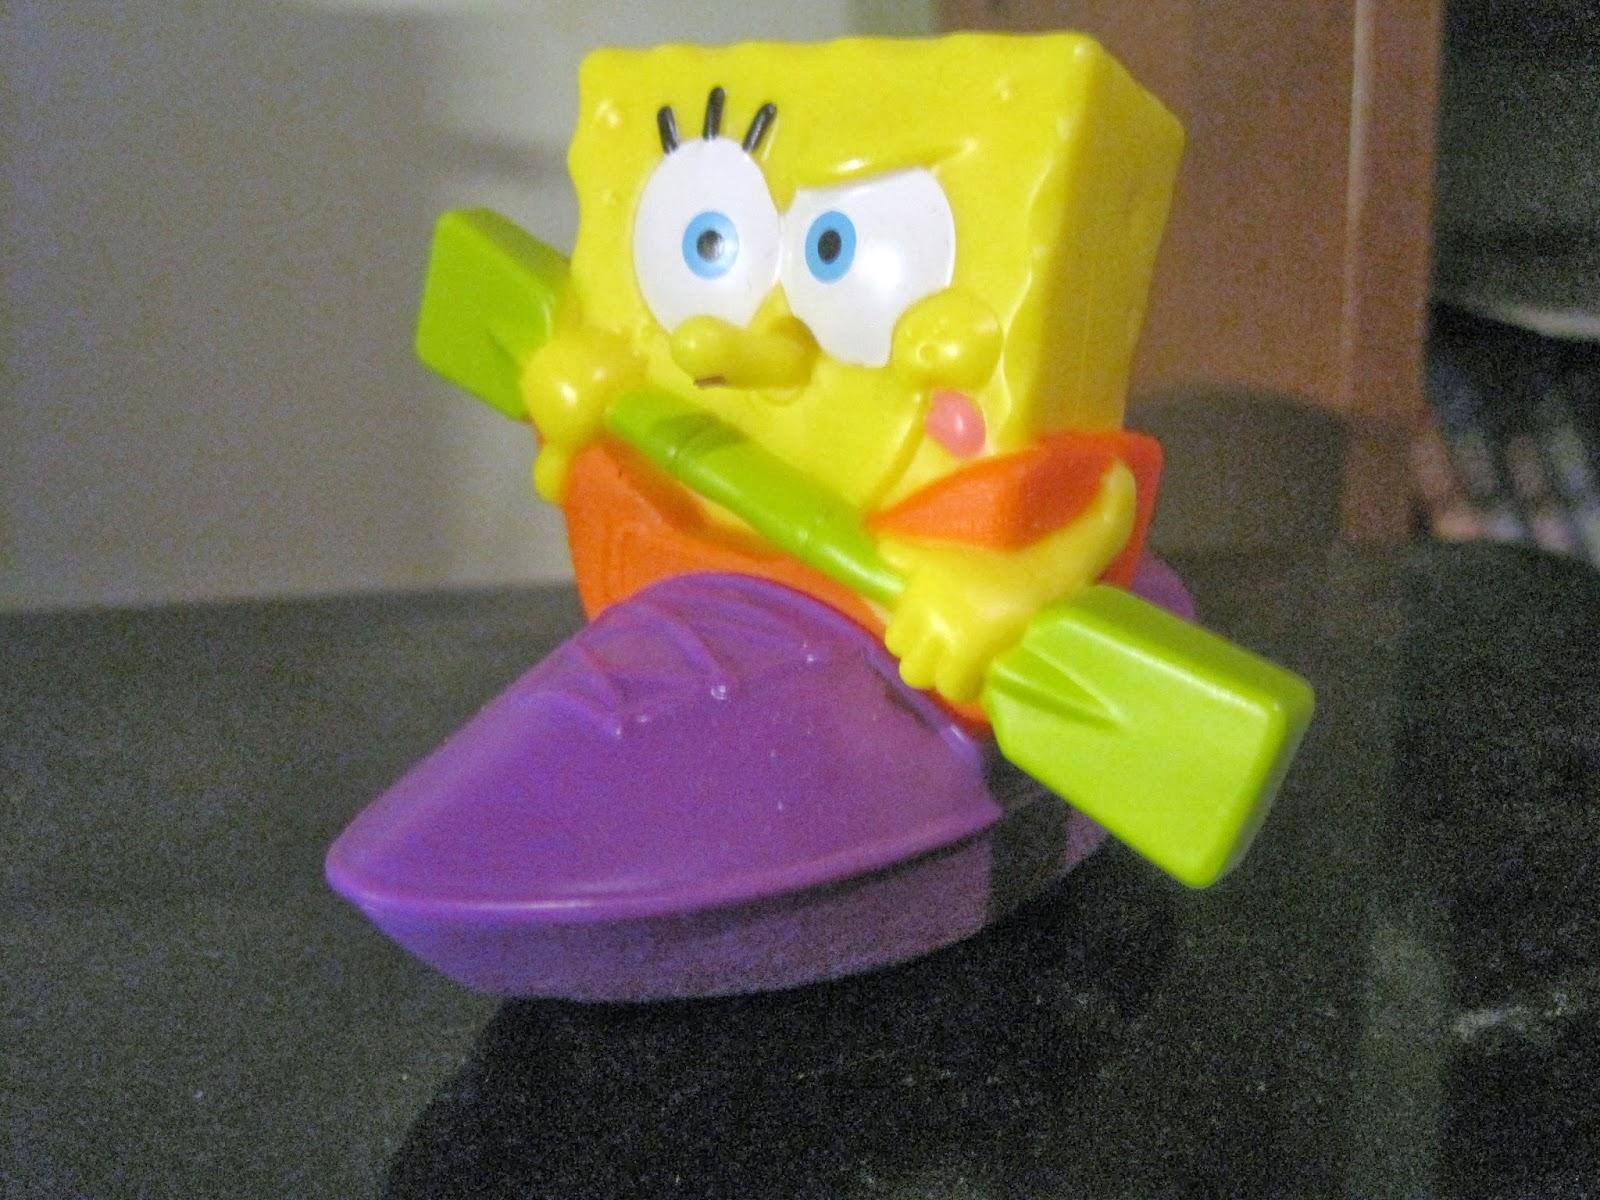 spongebob japan advertise